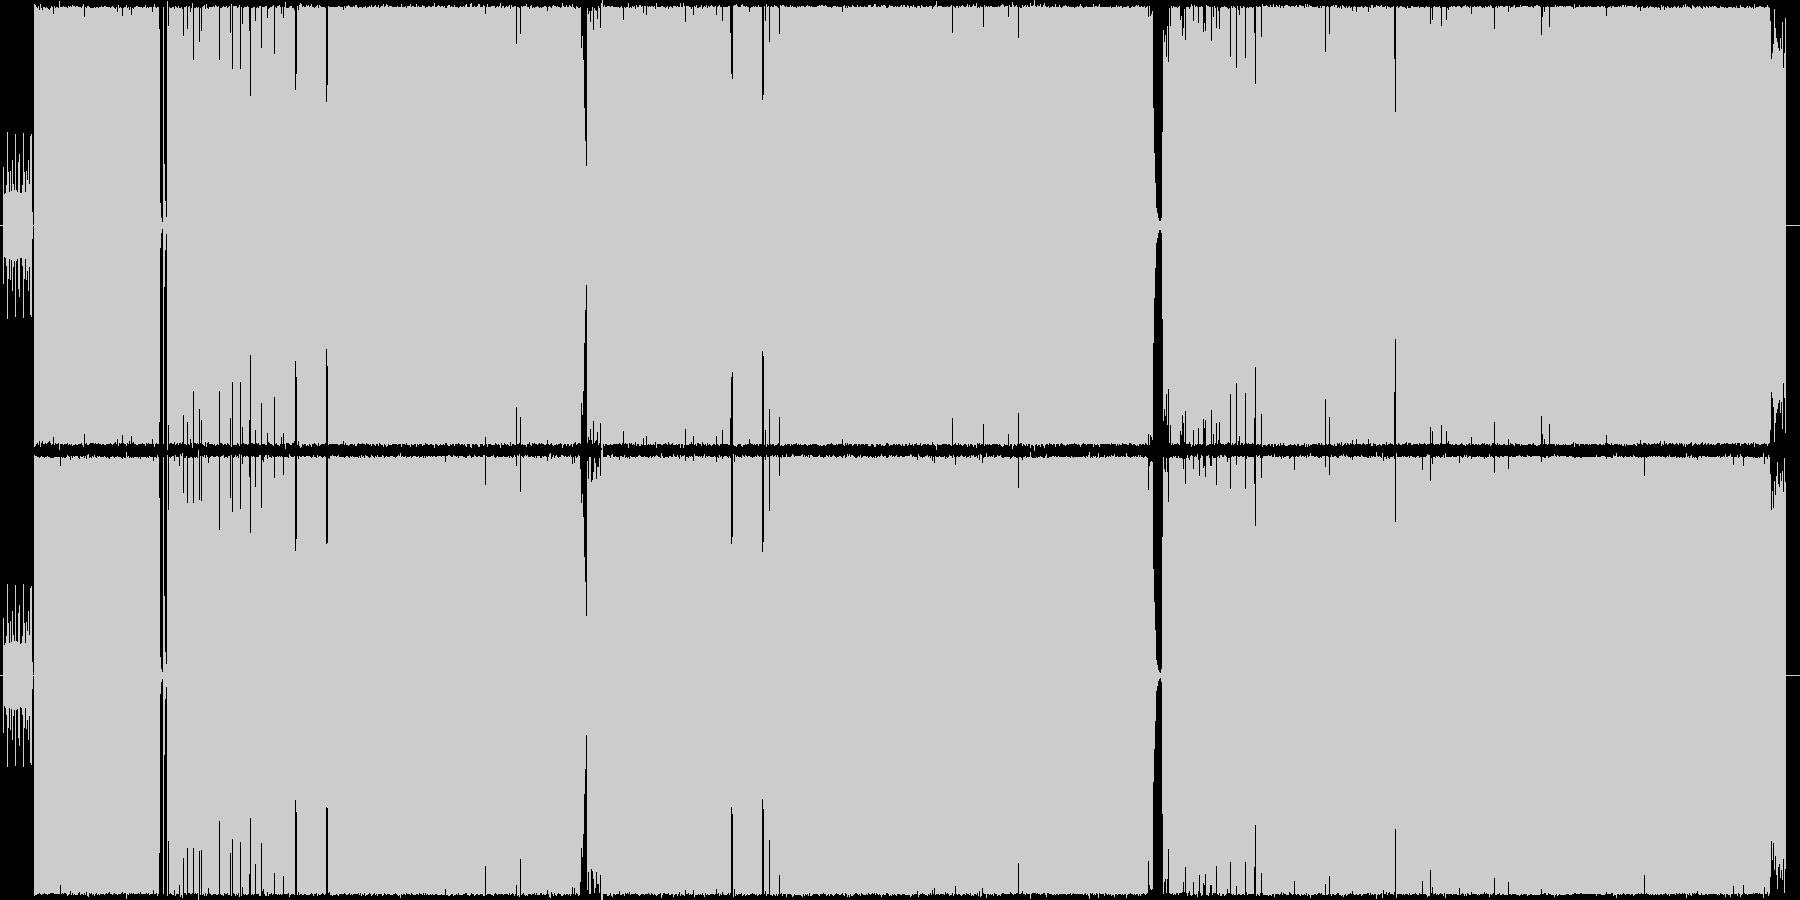 女性ボーカルによるヘビメタ風楽曲の未再生の波形